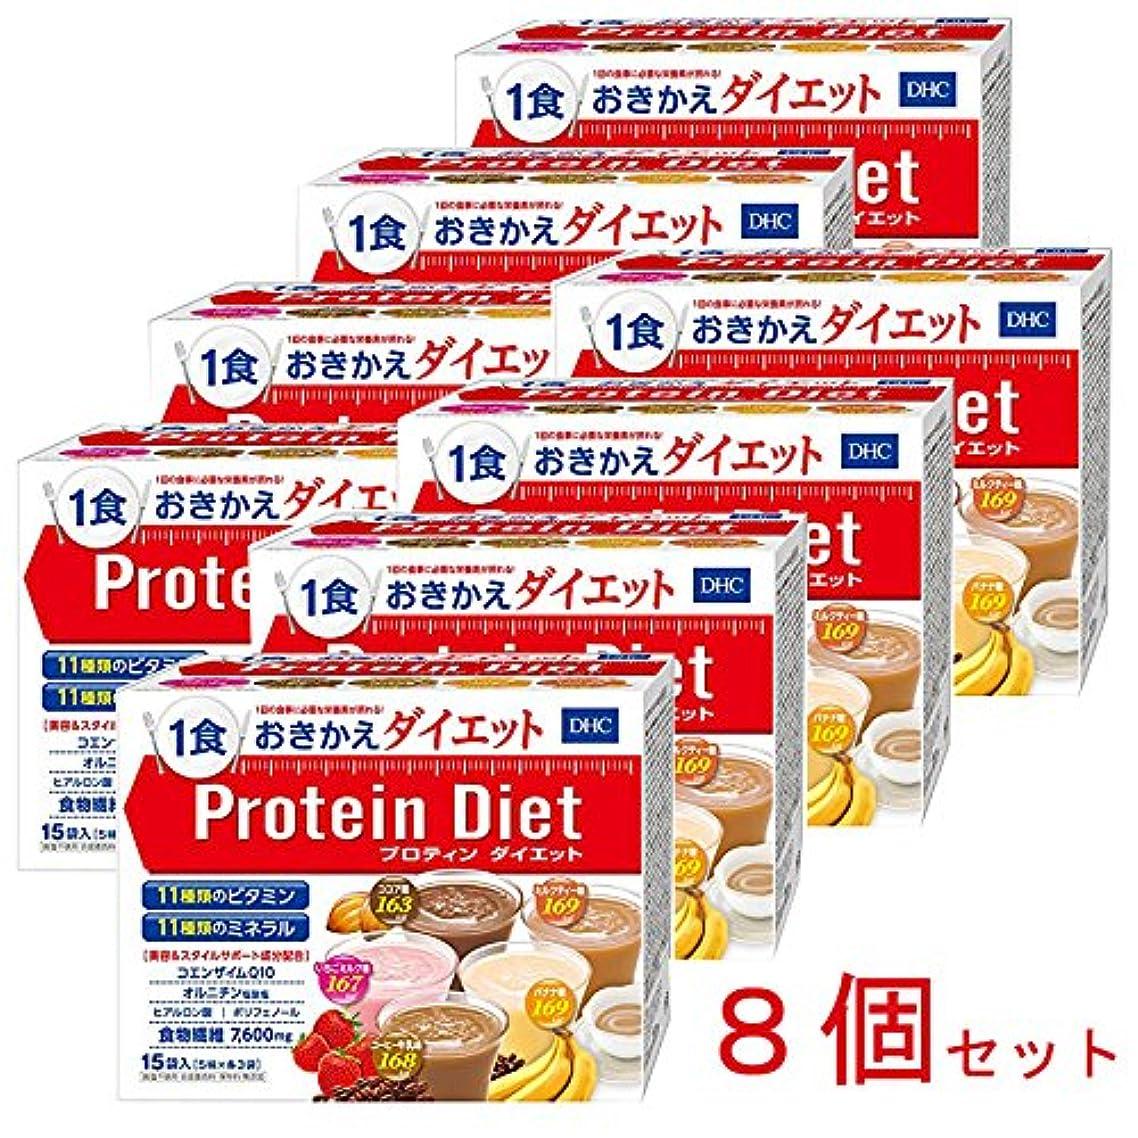 川元の名義でDHC プロティンダイエット 1箱15袋入 8箱セット 1食169kcal以下&栄養バッチリ! リニューアル